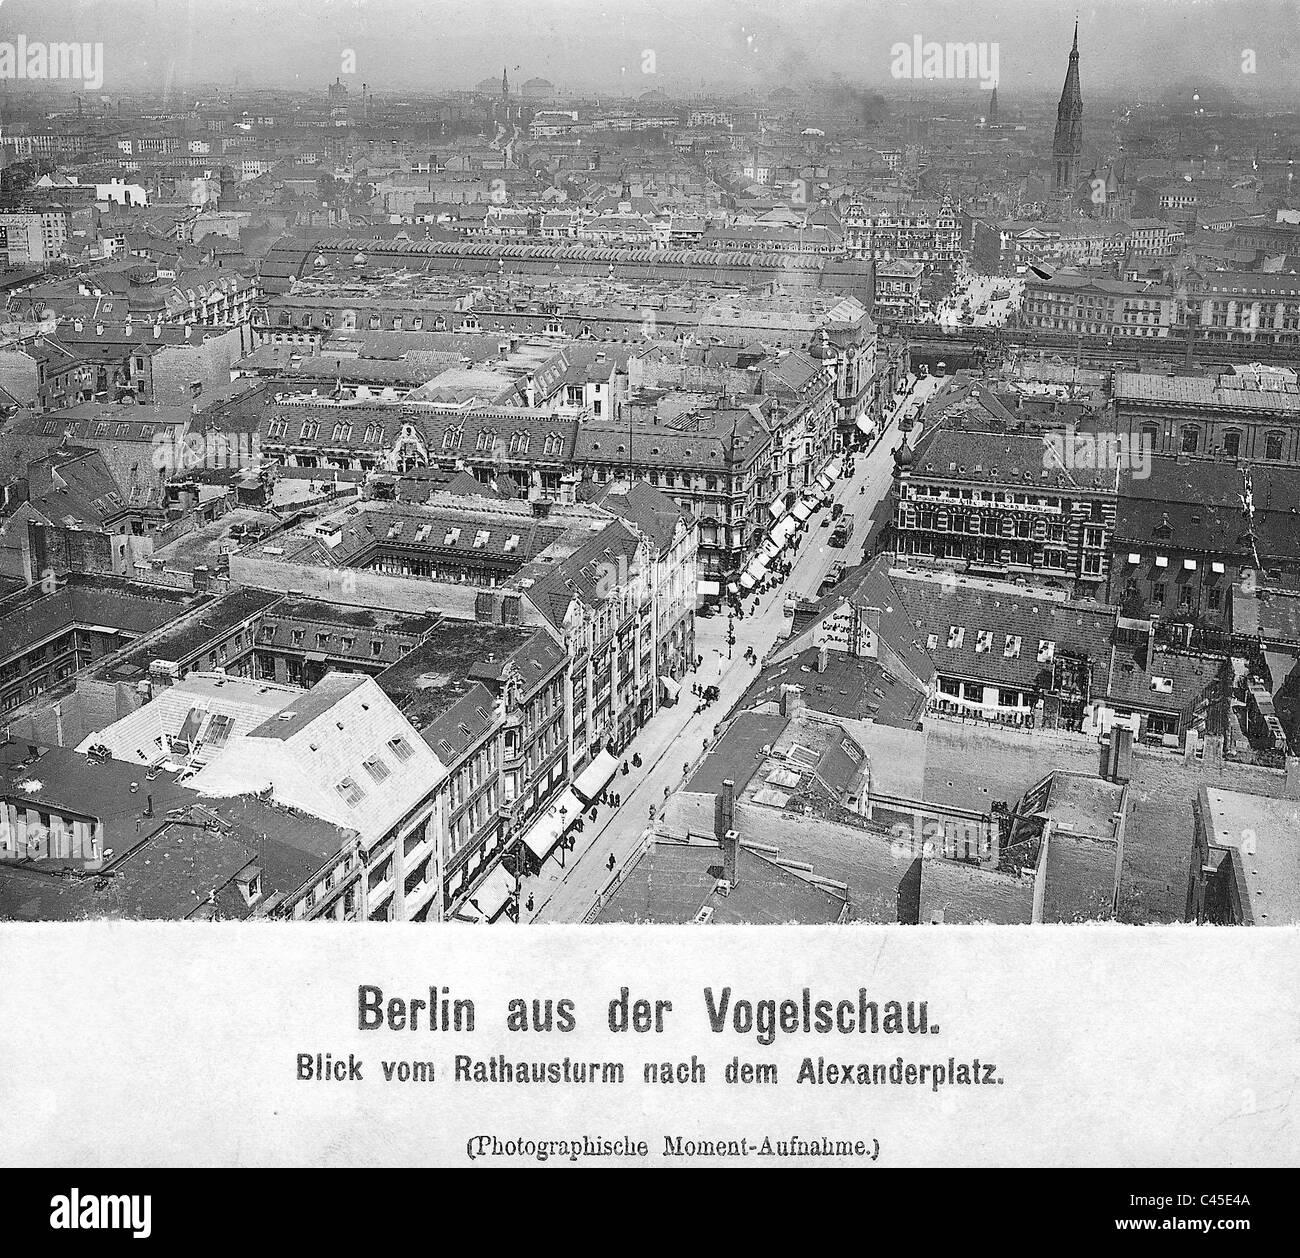 Koenig Street in Berlin, 1908 - Stock Image